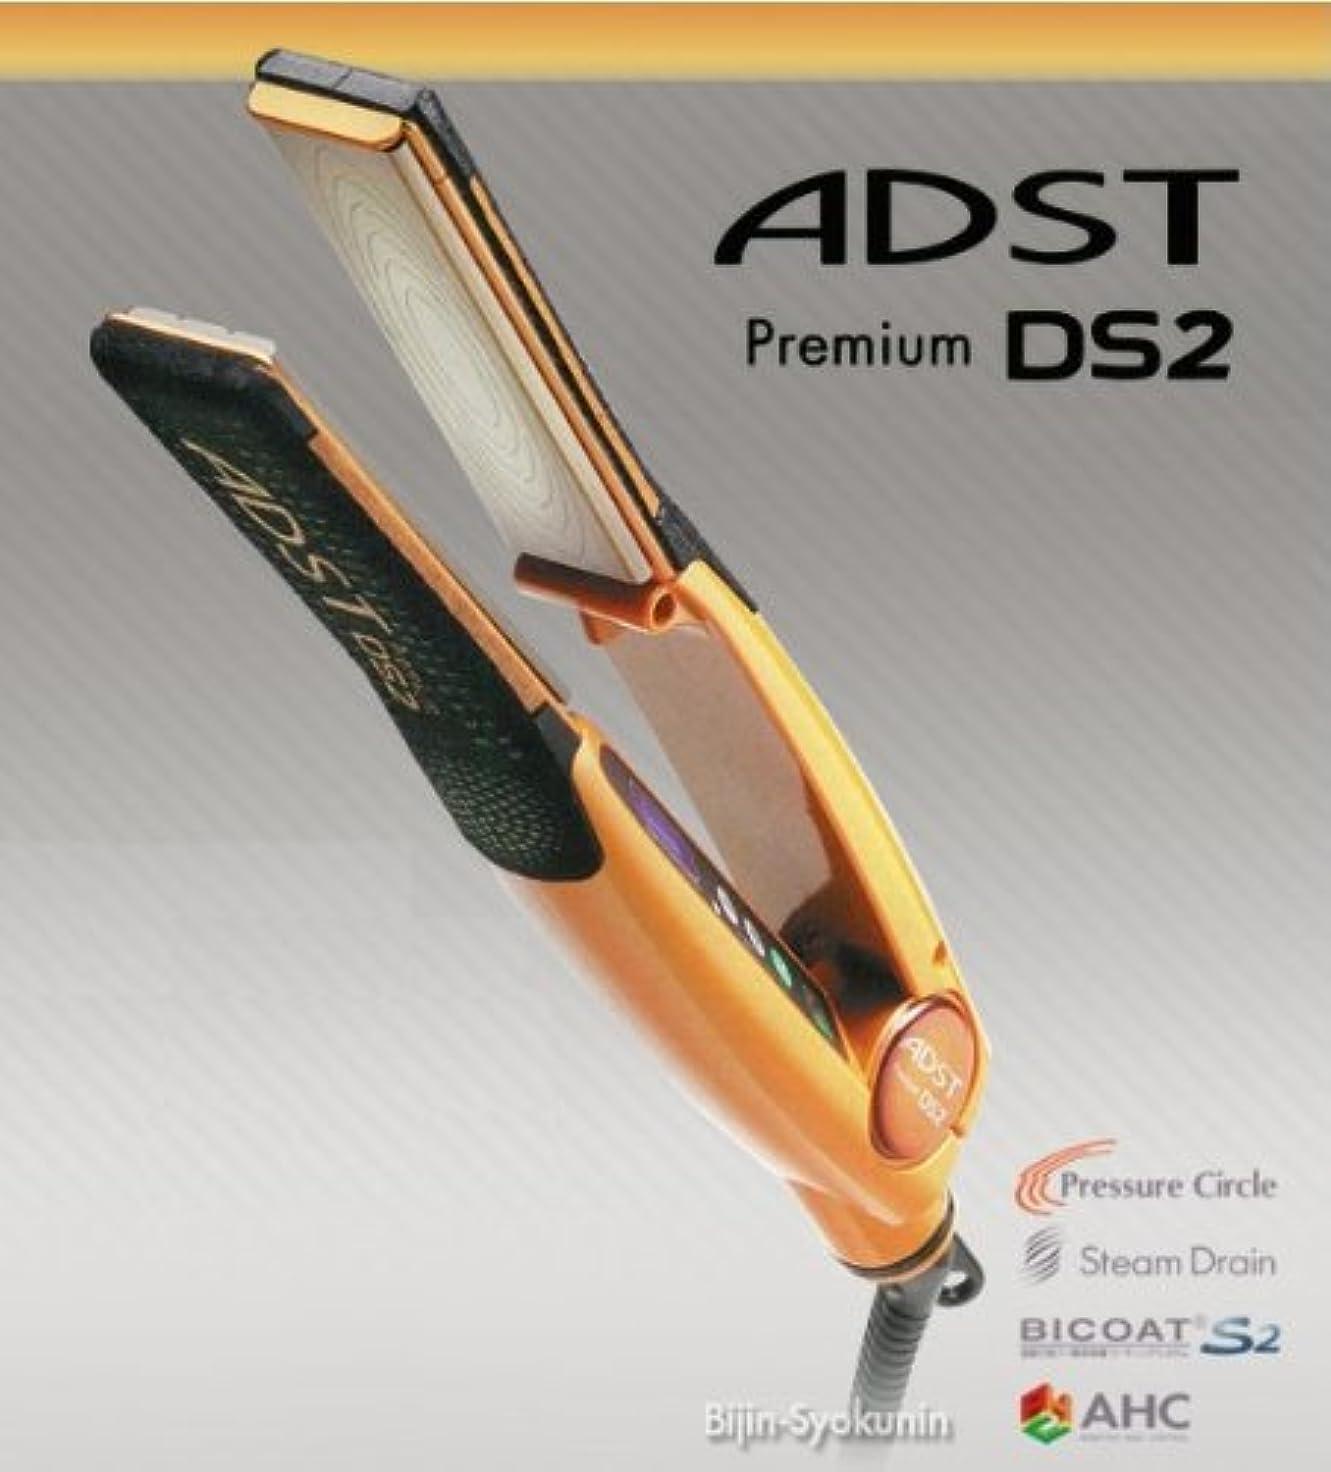 正確さ合わせて発火するADST Premium DS2 アドスト プレミアム DS2 ストレートアイロン